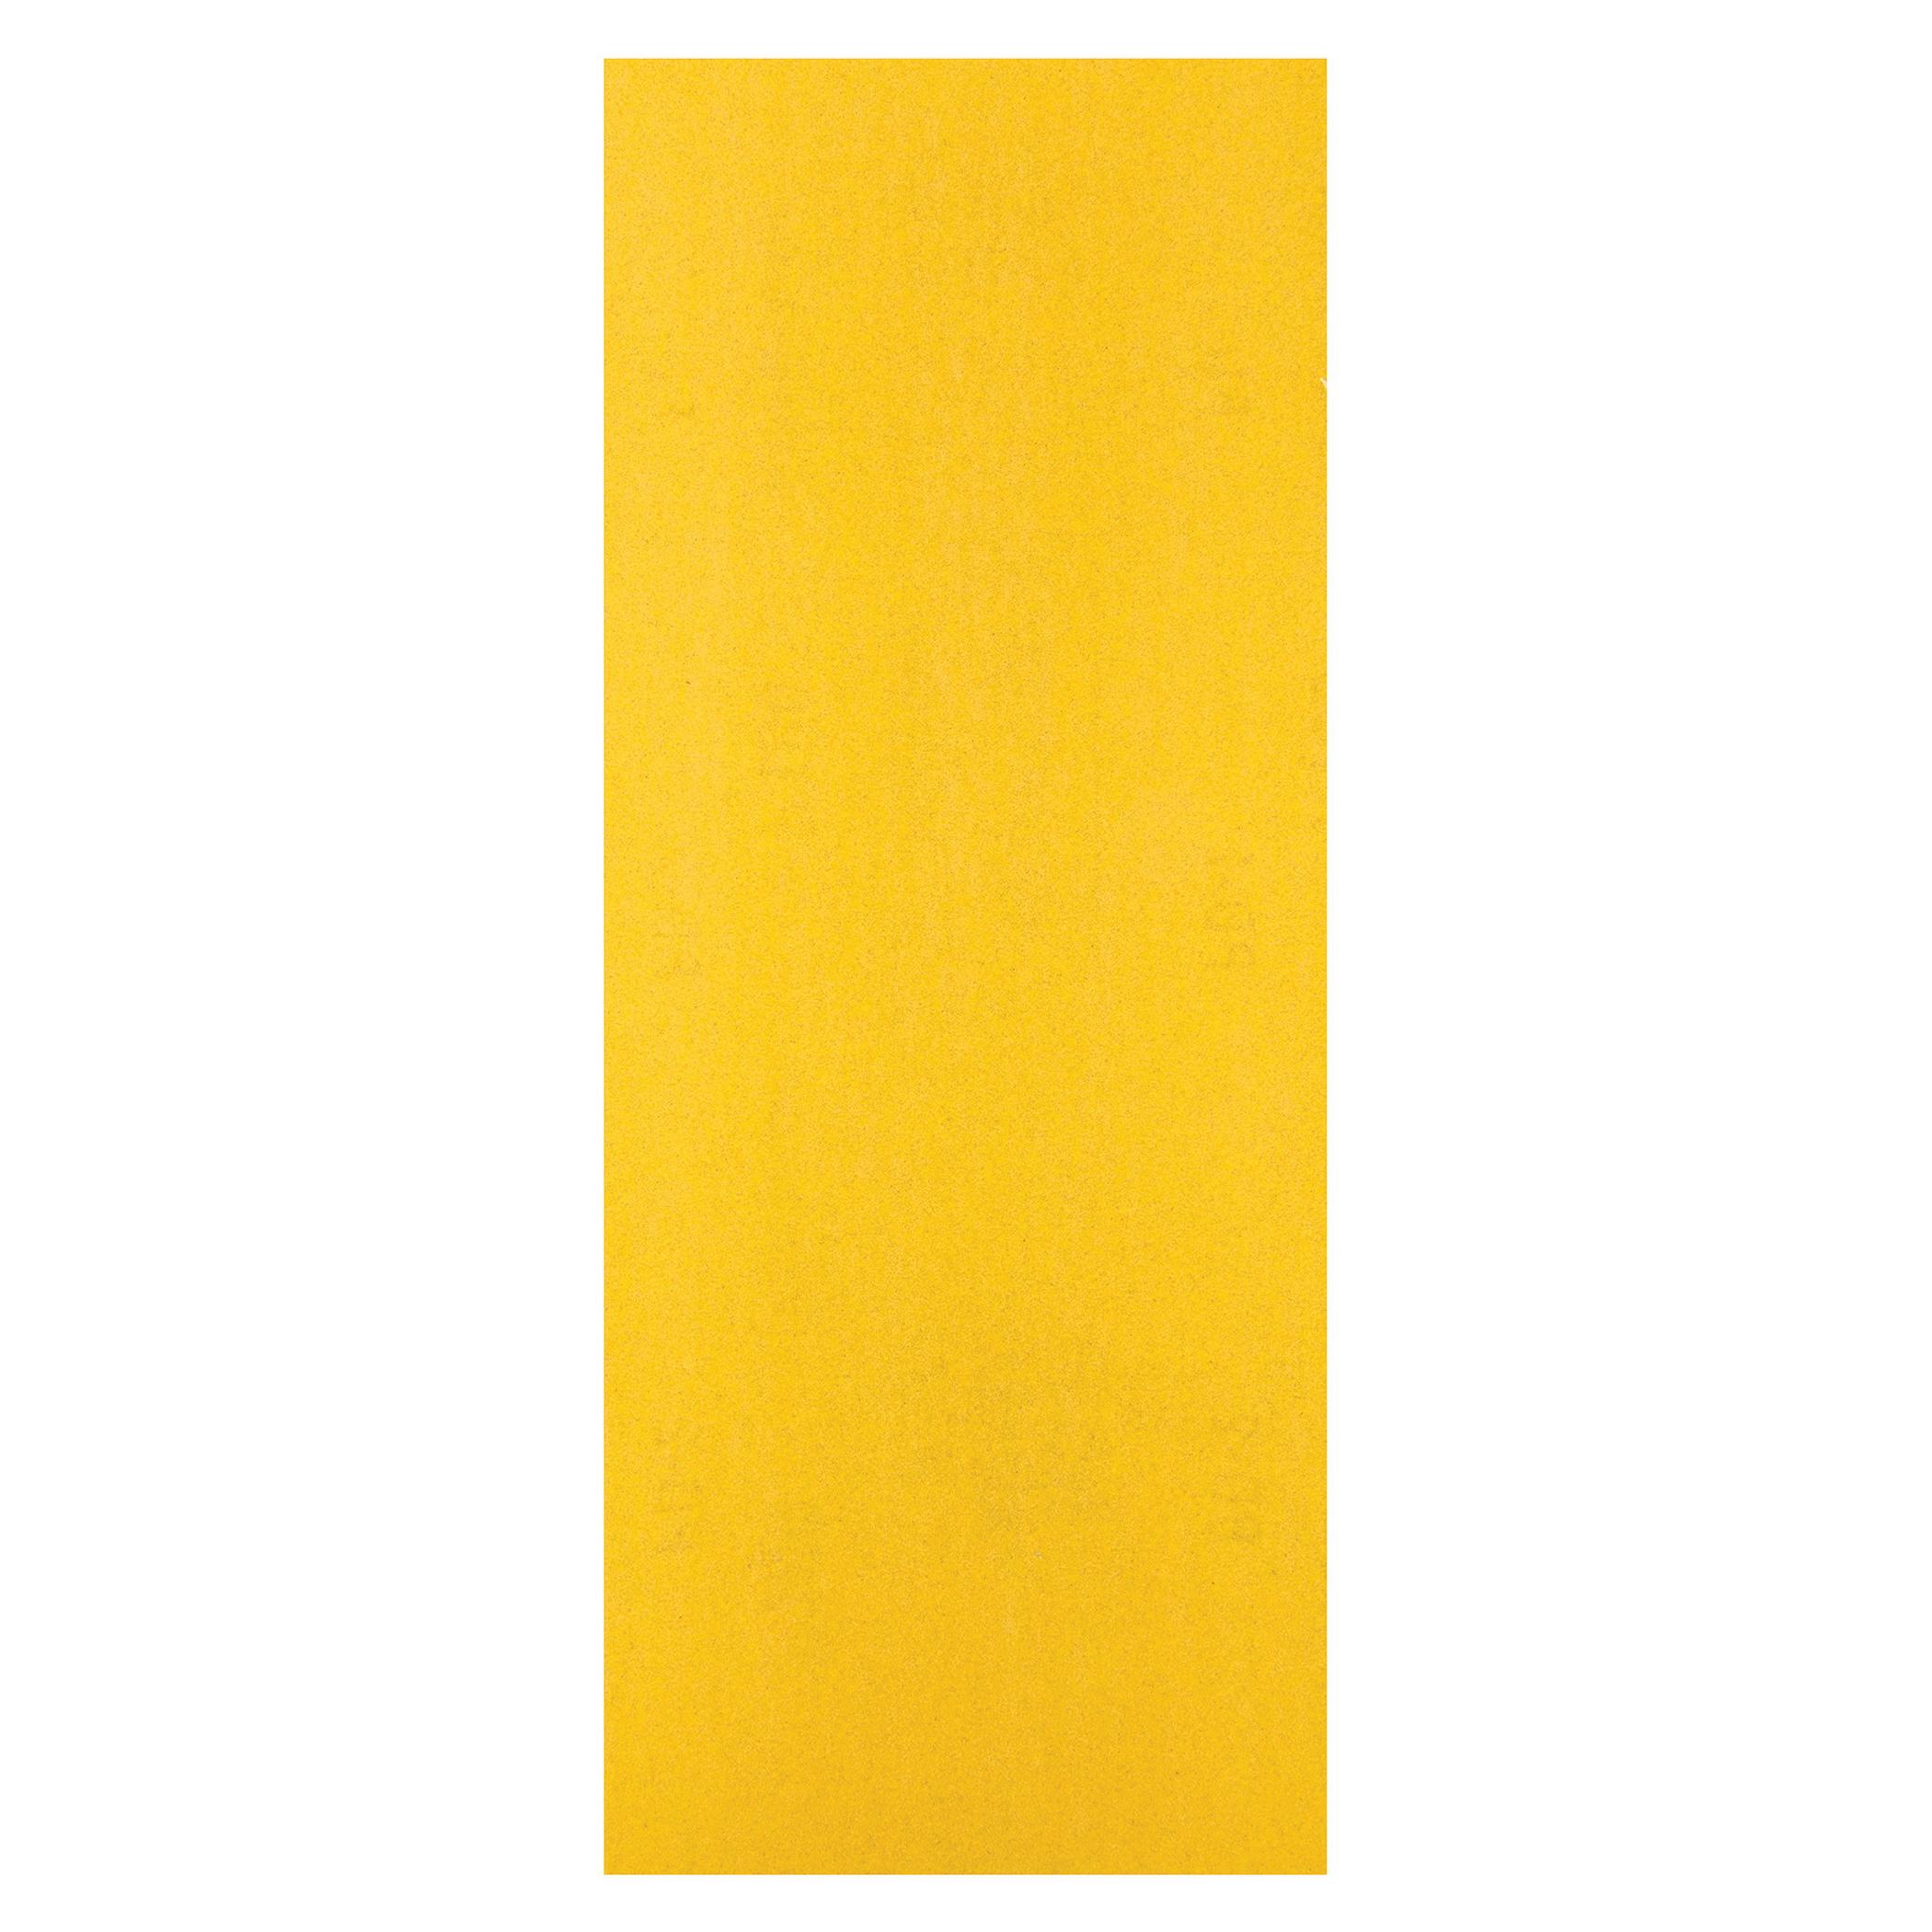 Norton® No-Fil® 66261101119 A290 Coated Sandpaper Cut Sheet, 9 in L x 3-2/3 in W, P80 Grit, Coarse Grade, Aluminum Oxide Abrasive, Anti-Loading Paper Backing